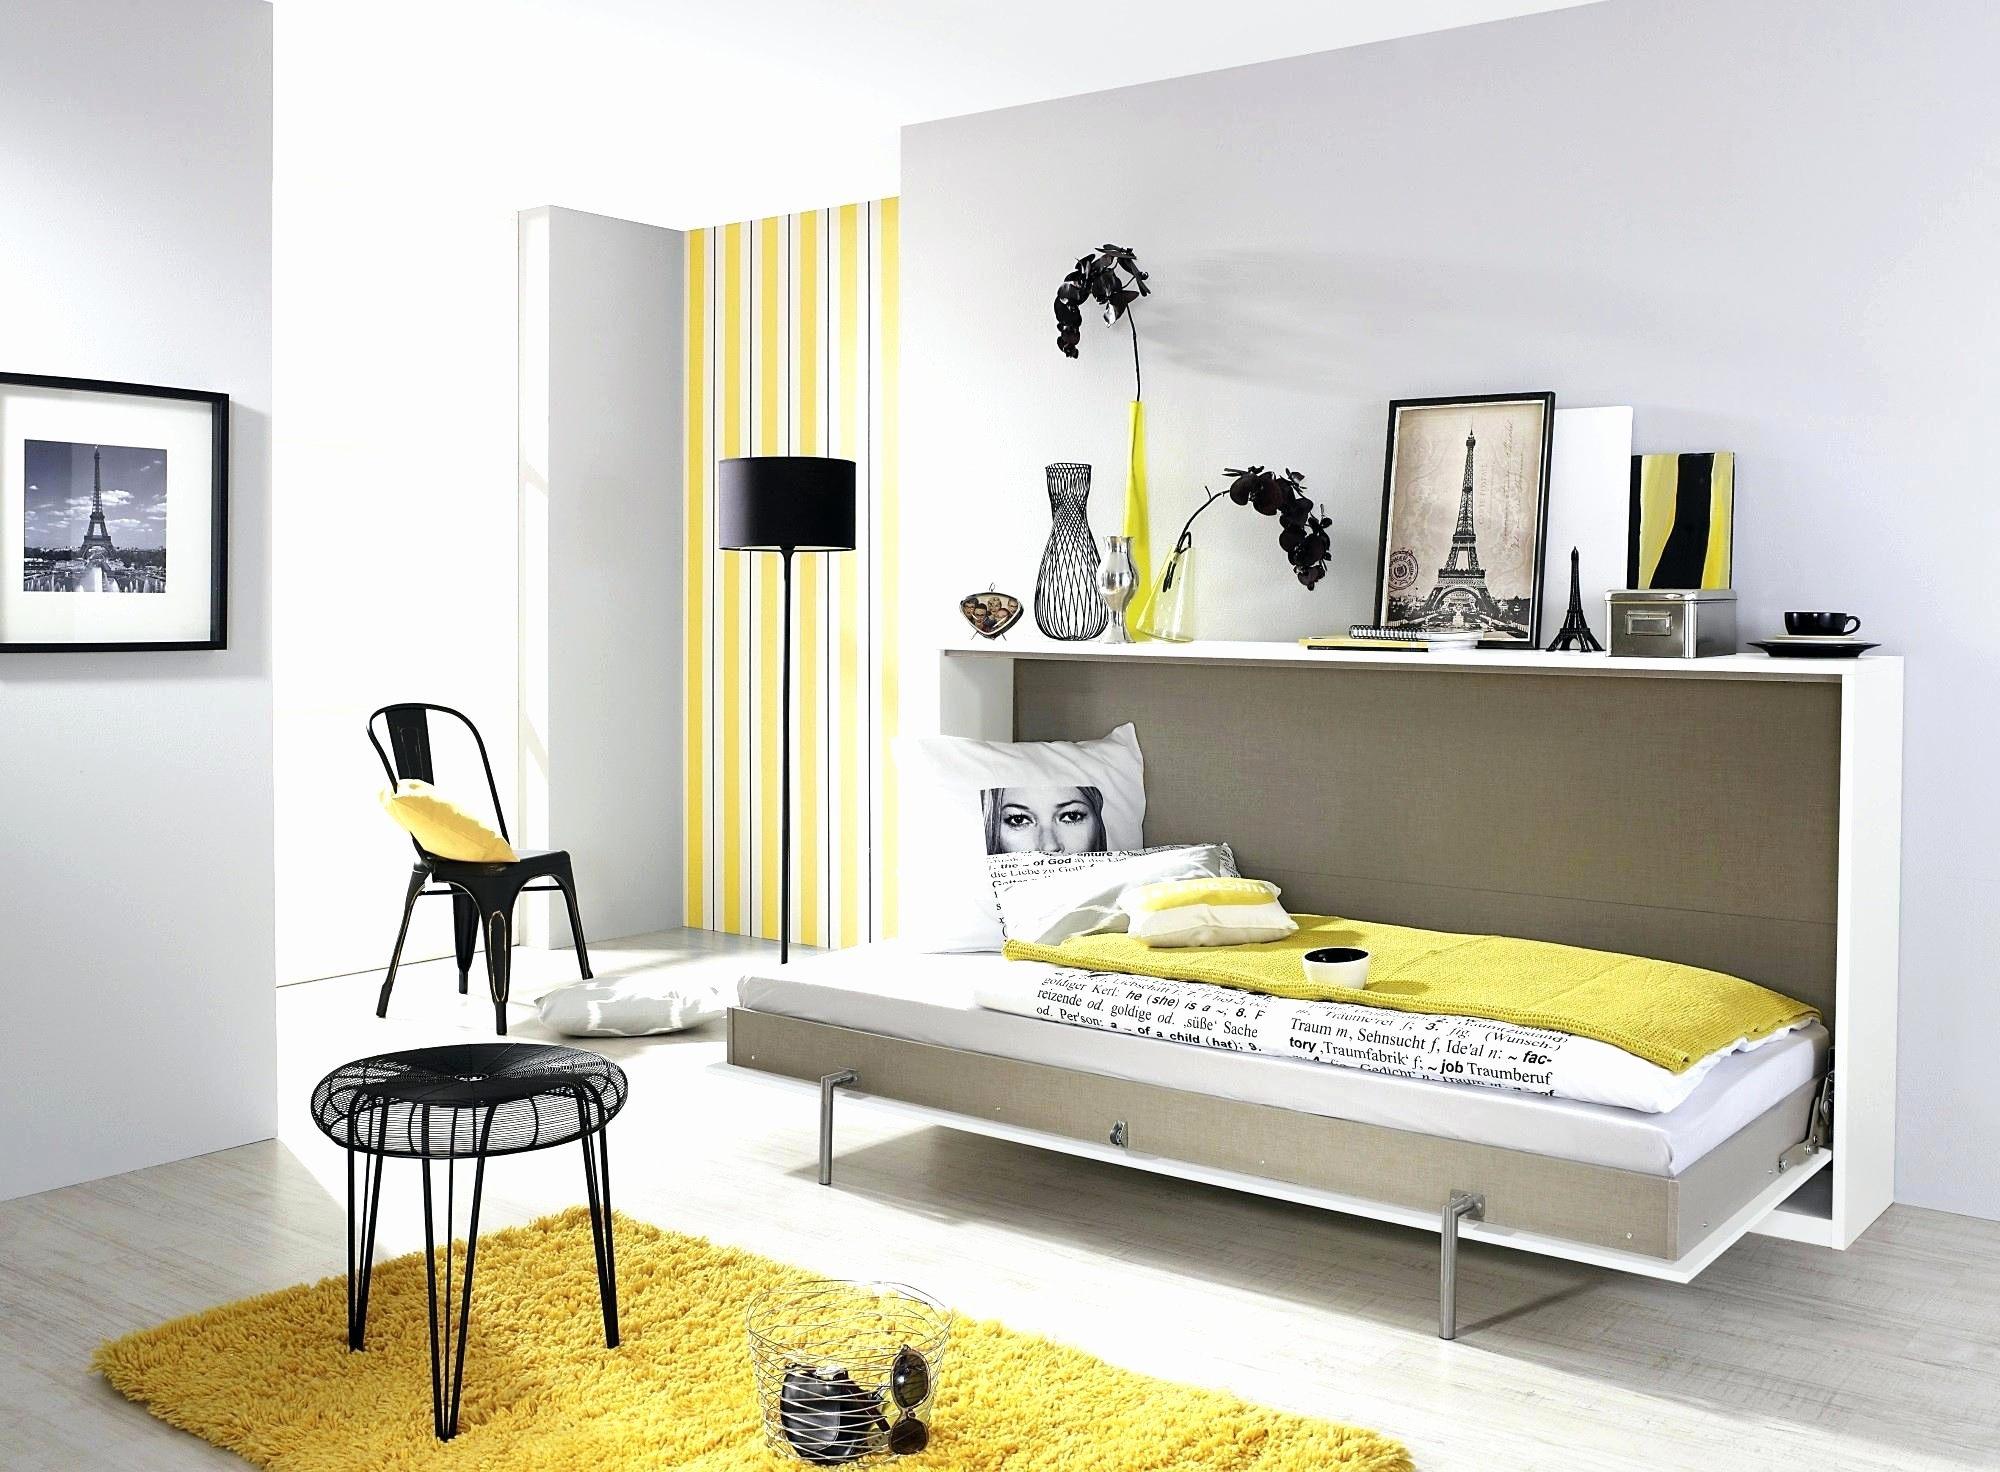 Tete De Lit Tissu Ikea Frais Décoratif Etagere Tete De Lit Ikea  Etagere Tissu Ikea Luxe Image